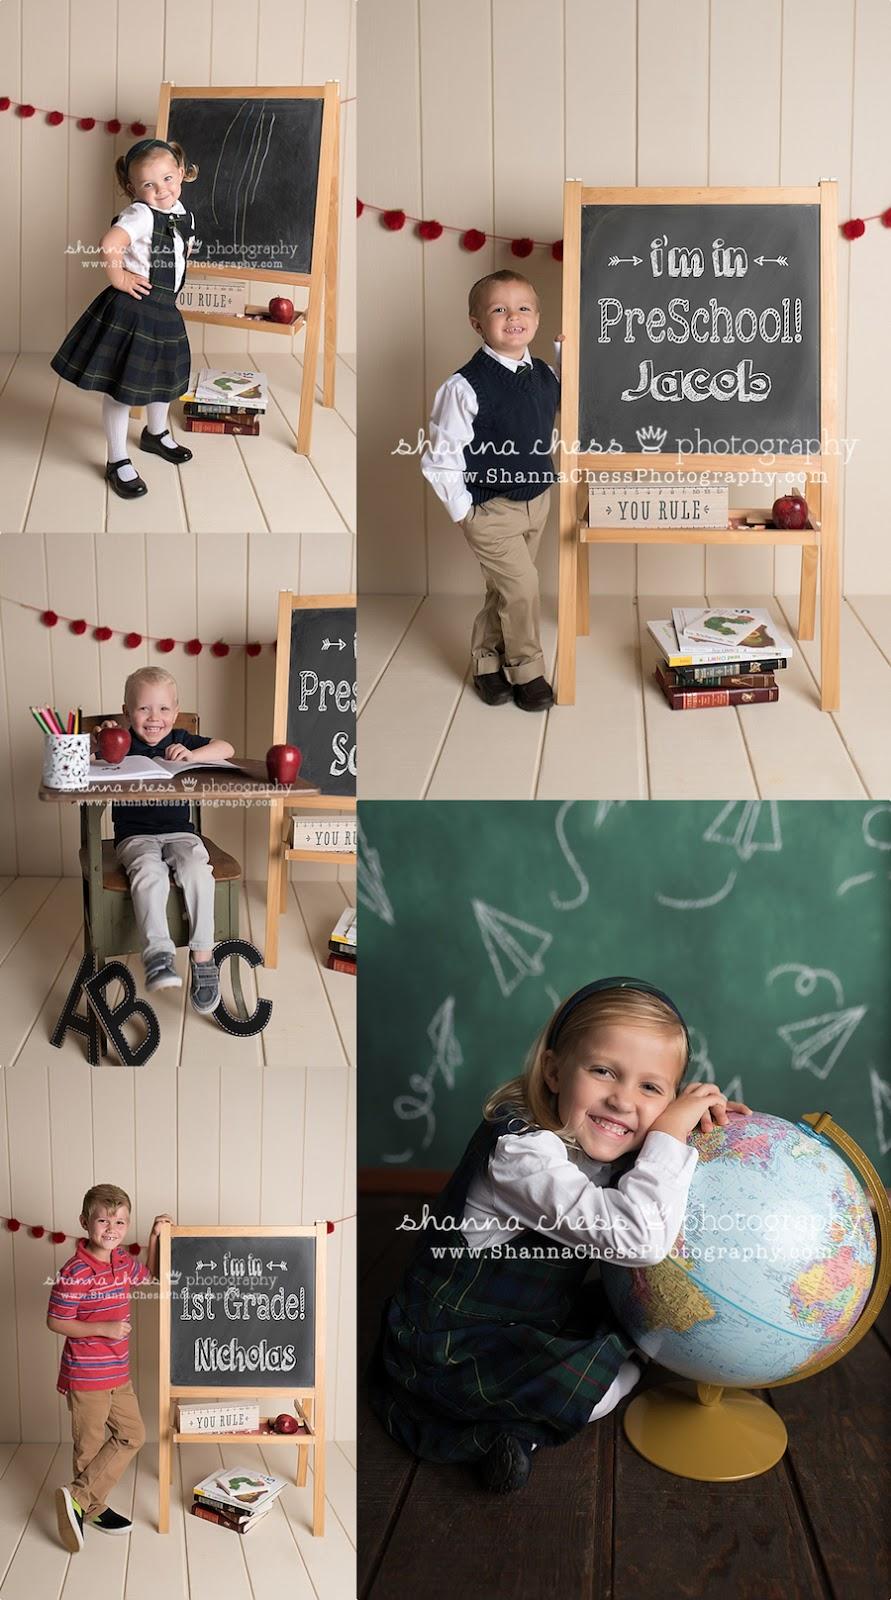 eugene oregon child photography back to school